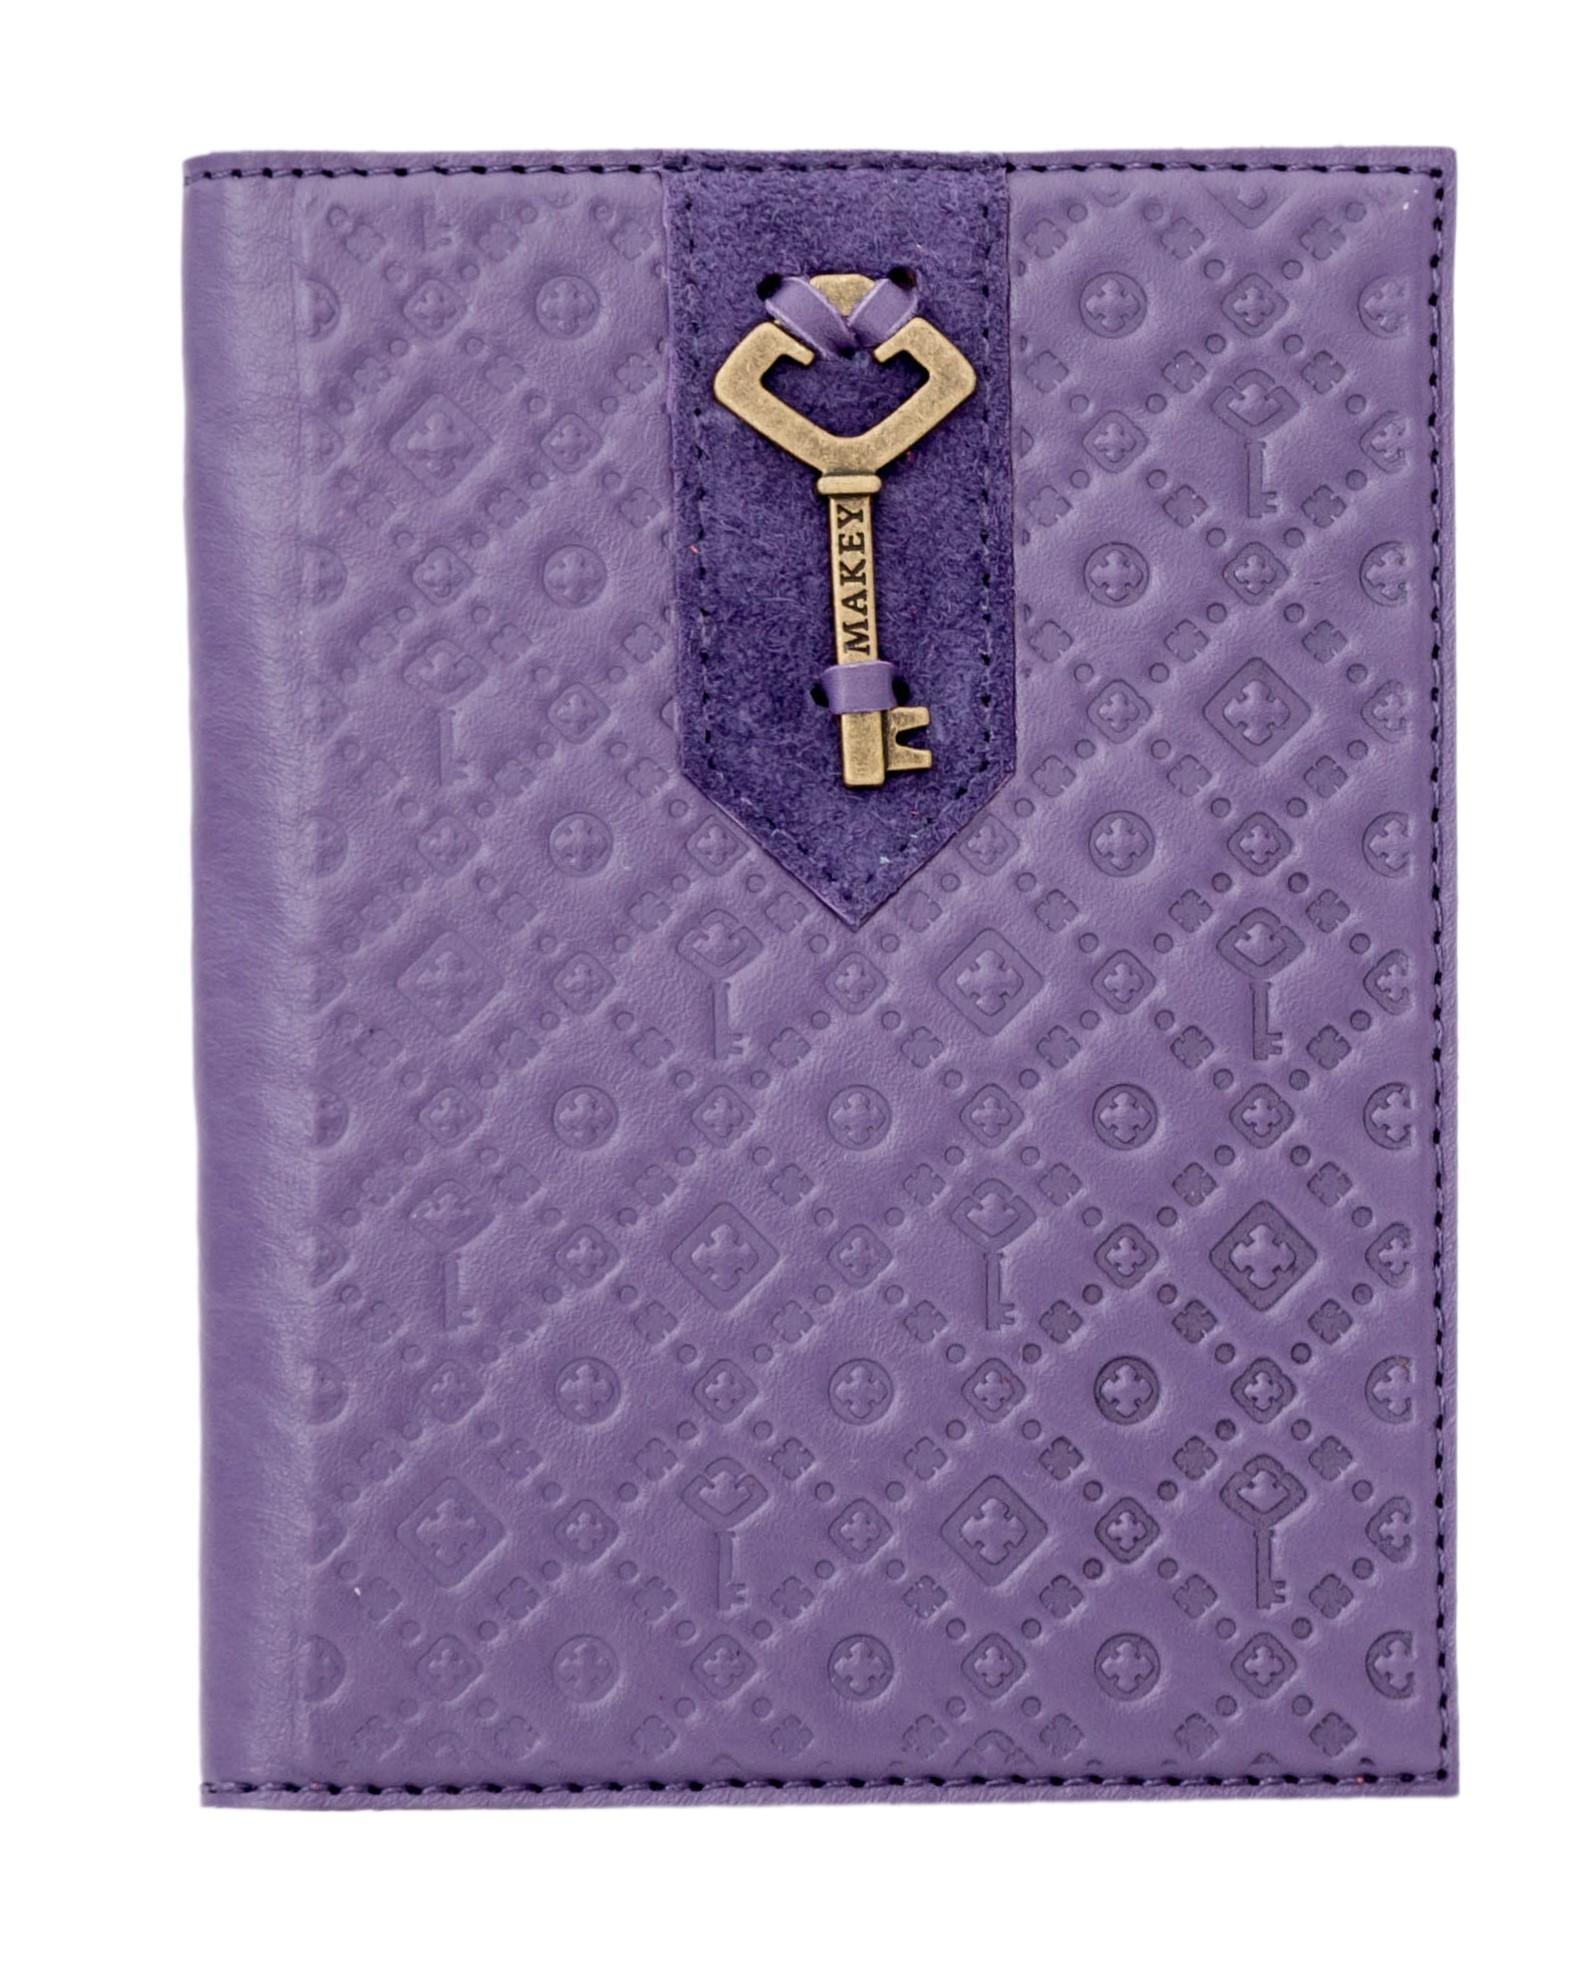 Обложка на паспорт | Ключ | Лаванда